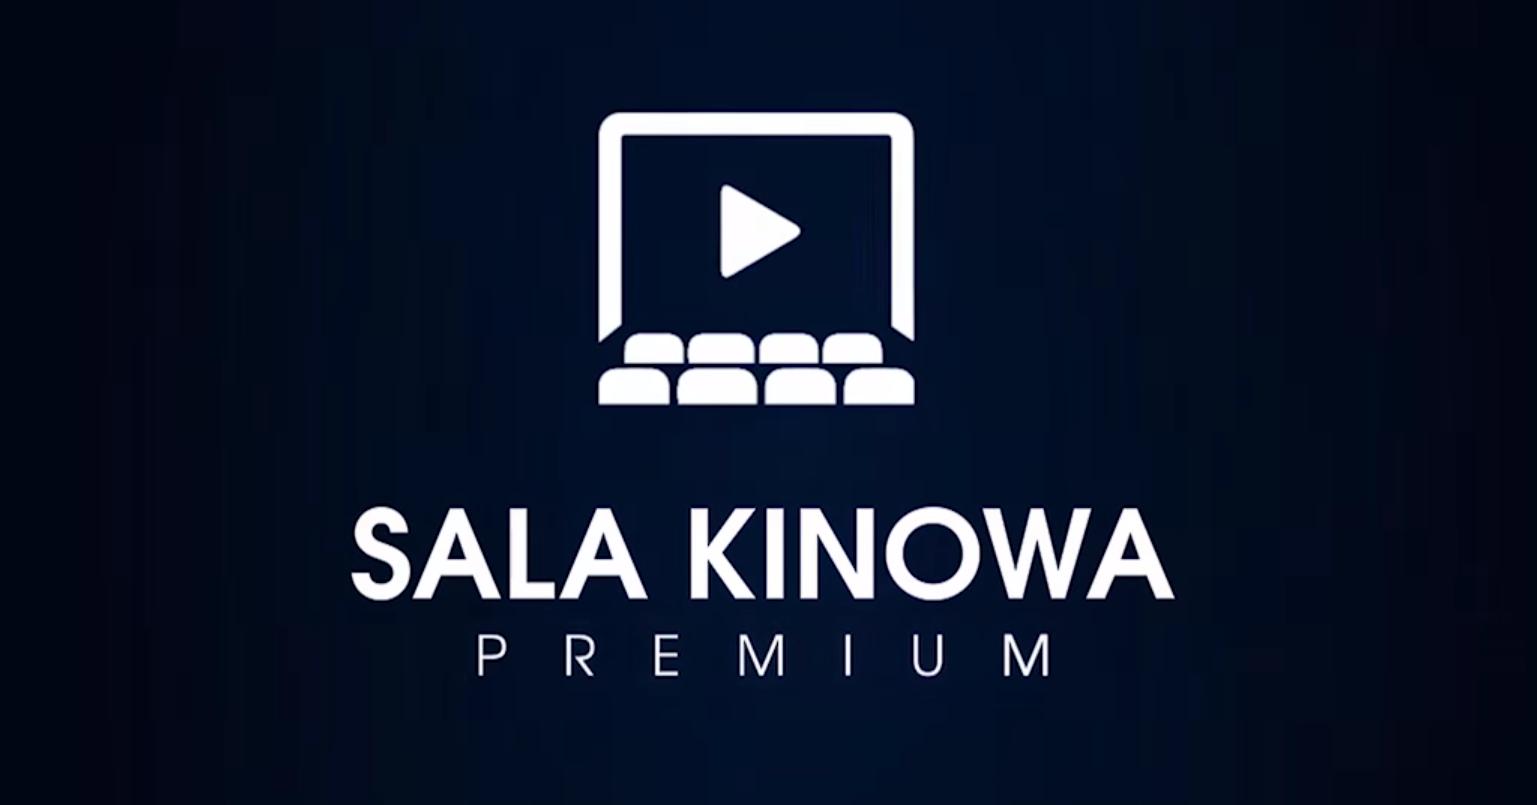 Sala Kinowa Premium – ruszyła polska, płatna wypożyczania filmów na YouTube